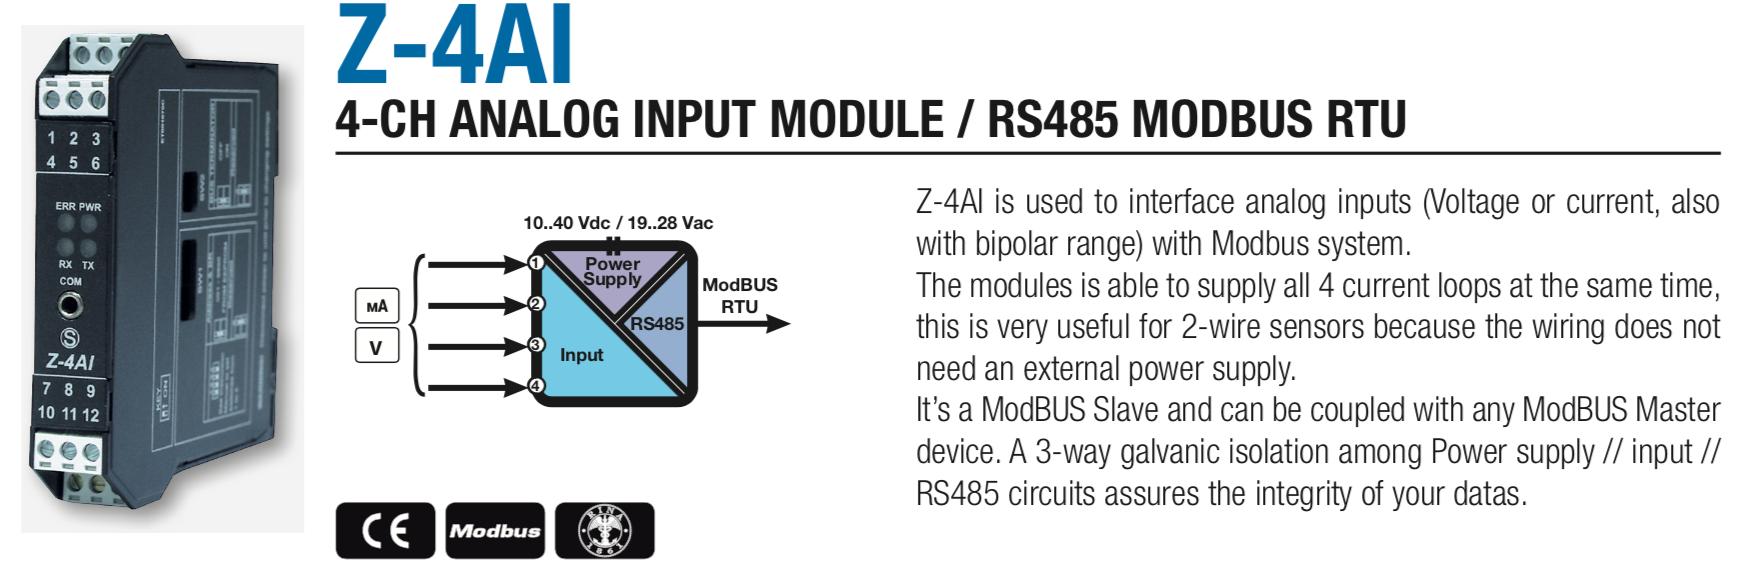 Bộ chuyển đổi analog sang modbus RS485